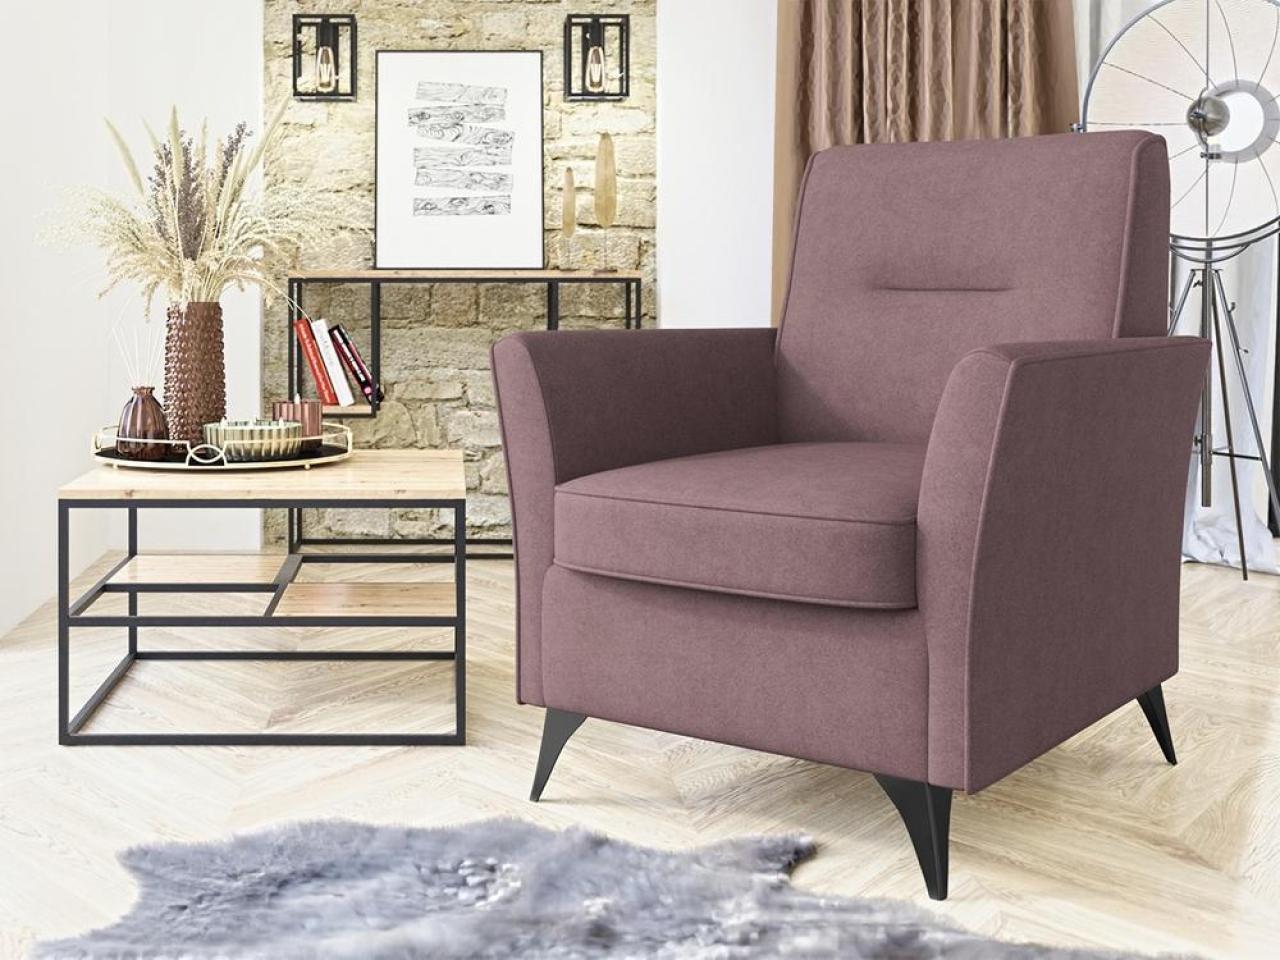 Furnipol-Польская мебель для дома - 5